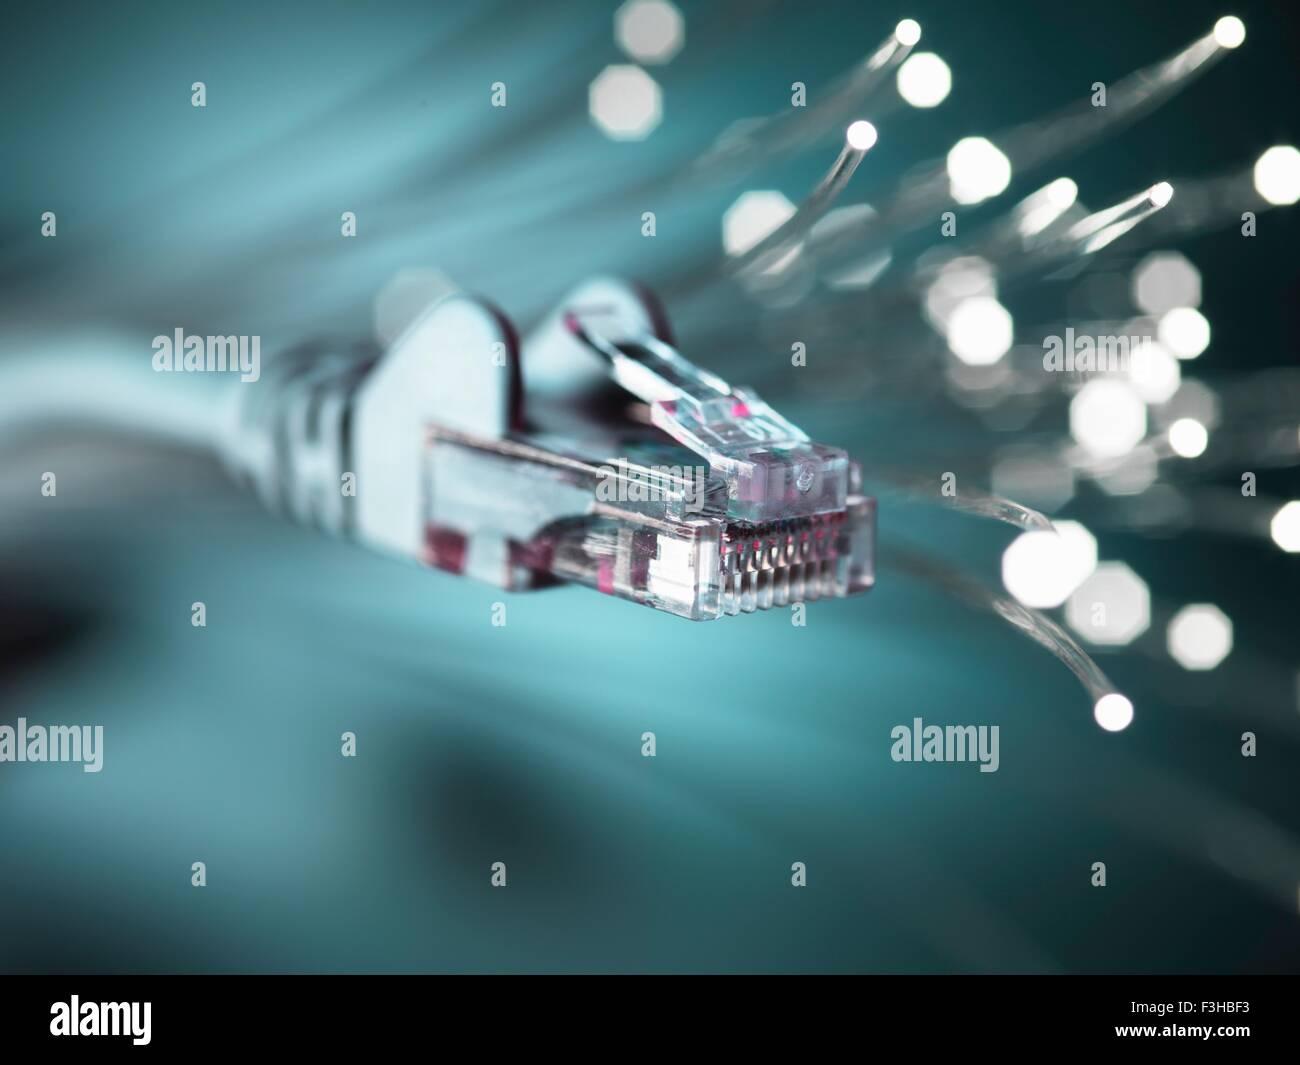 Internet il connettore di rete a fibre ottiche, close-up Immagini Stock